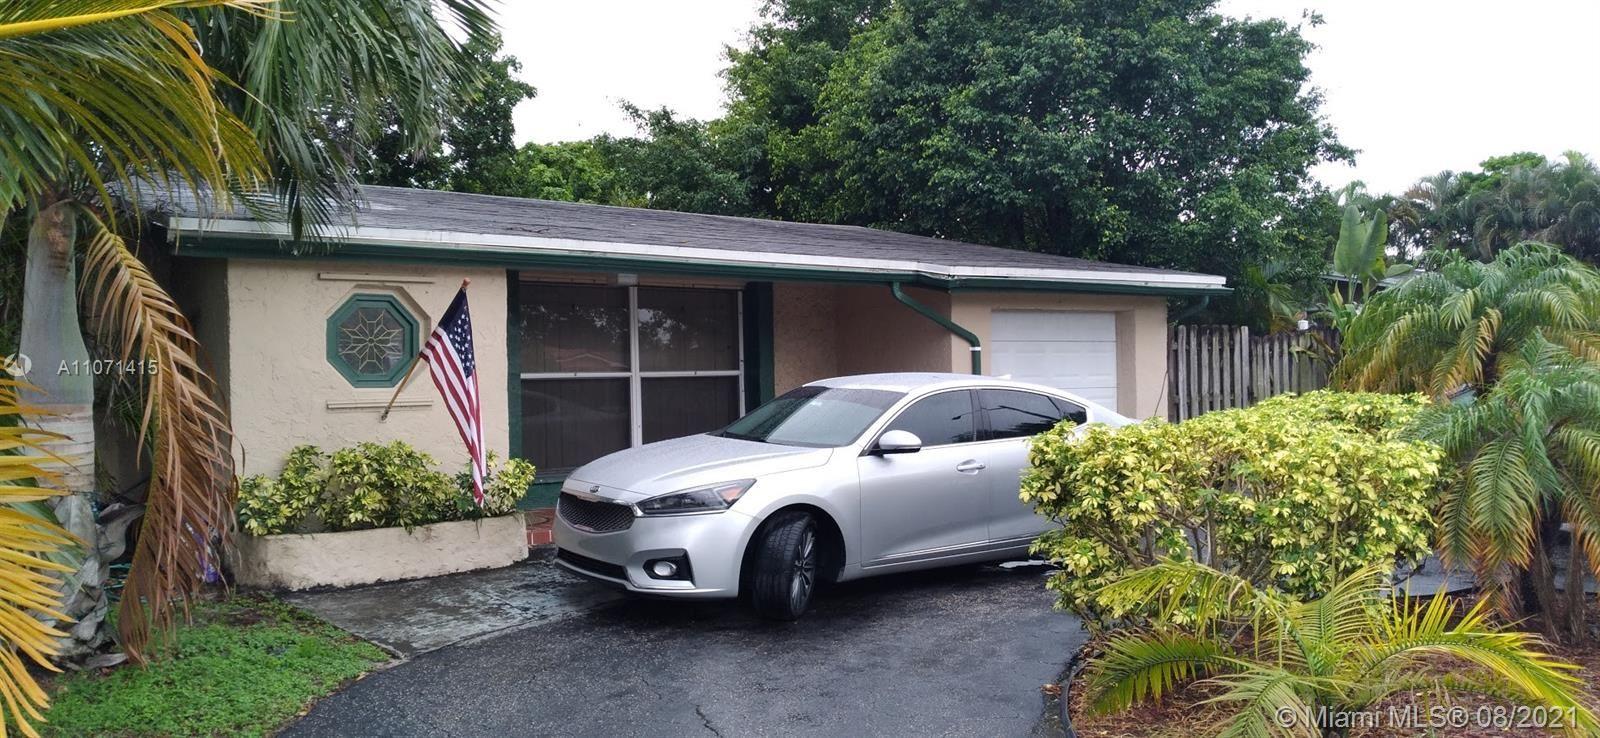 8850 Johnson St, Pembroke Pines, FL 33024 - #: A11071415